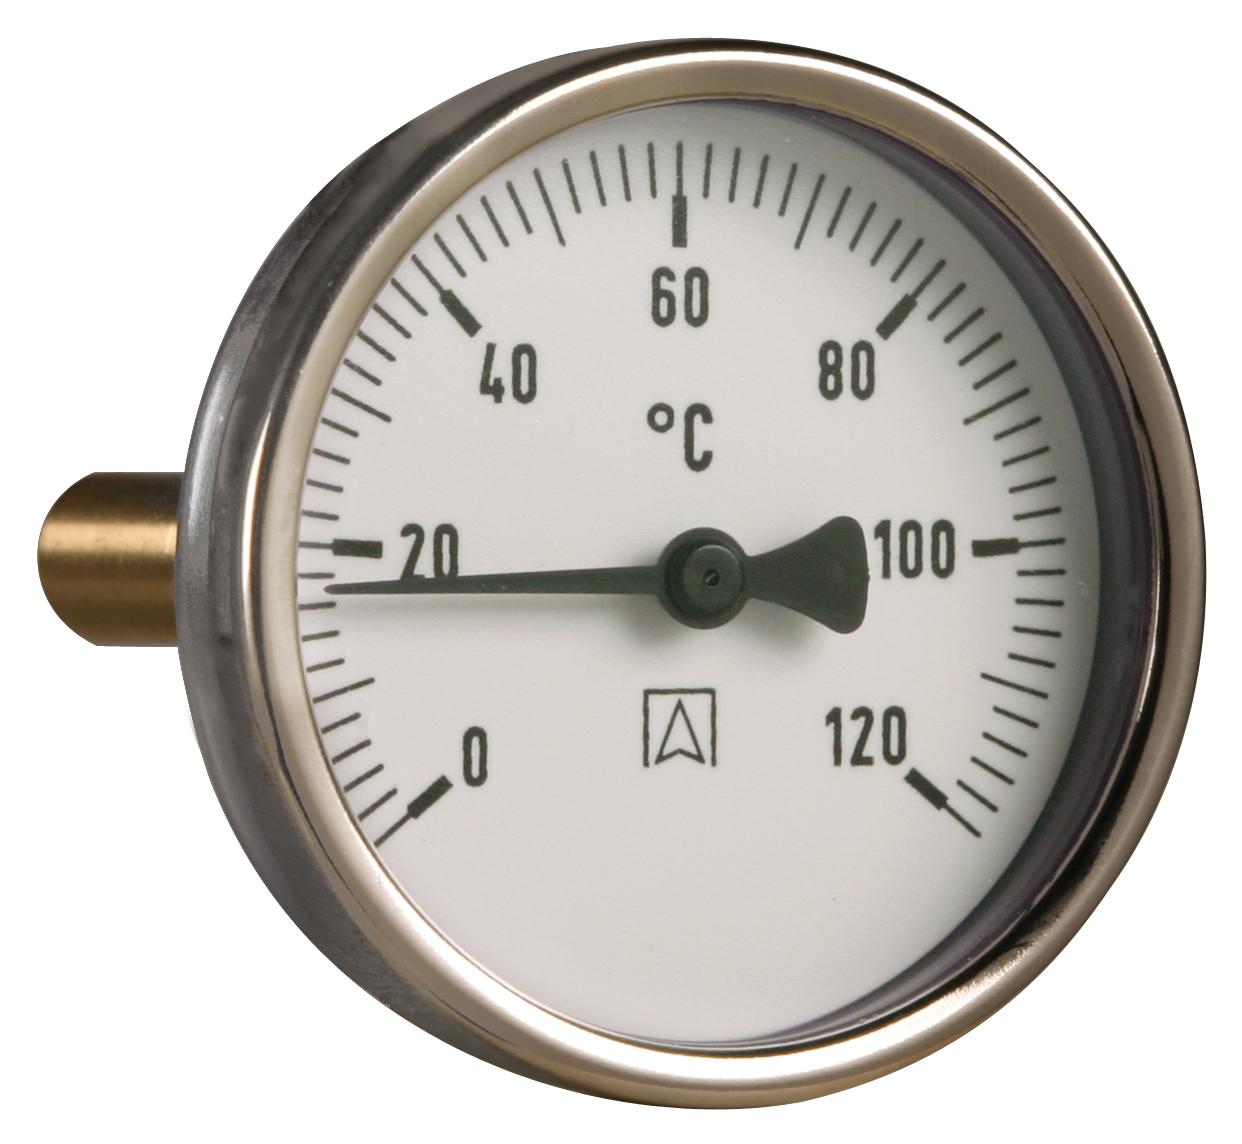 Termometr bimetaliczny BiTh 100,fi100 mm, -20÷60°C, L 100 mm, G1/2'' ax, kl. 2